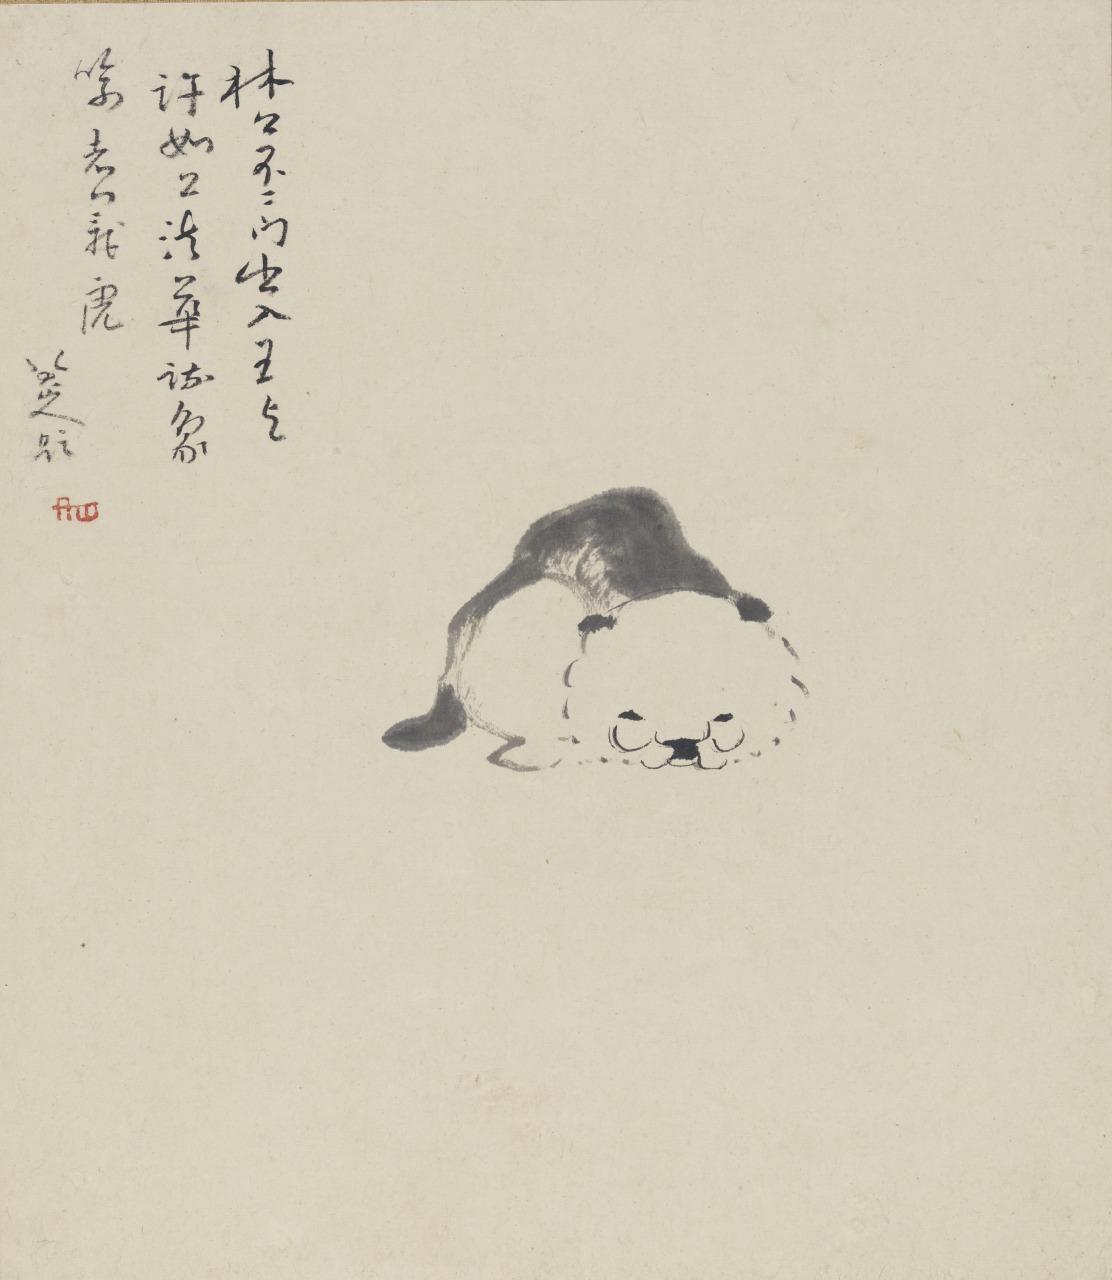 重要文化財 八大山人「安晩帖」 第10図 清・康熙33年(1694)(泉屋博古館)